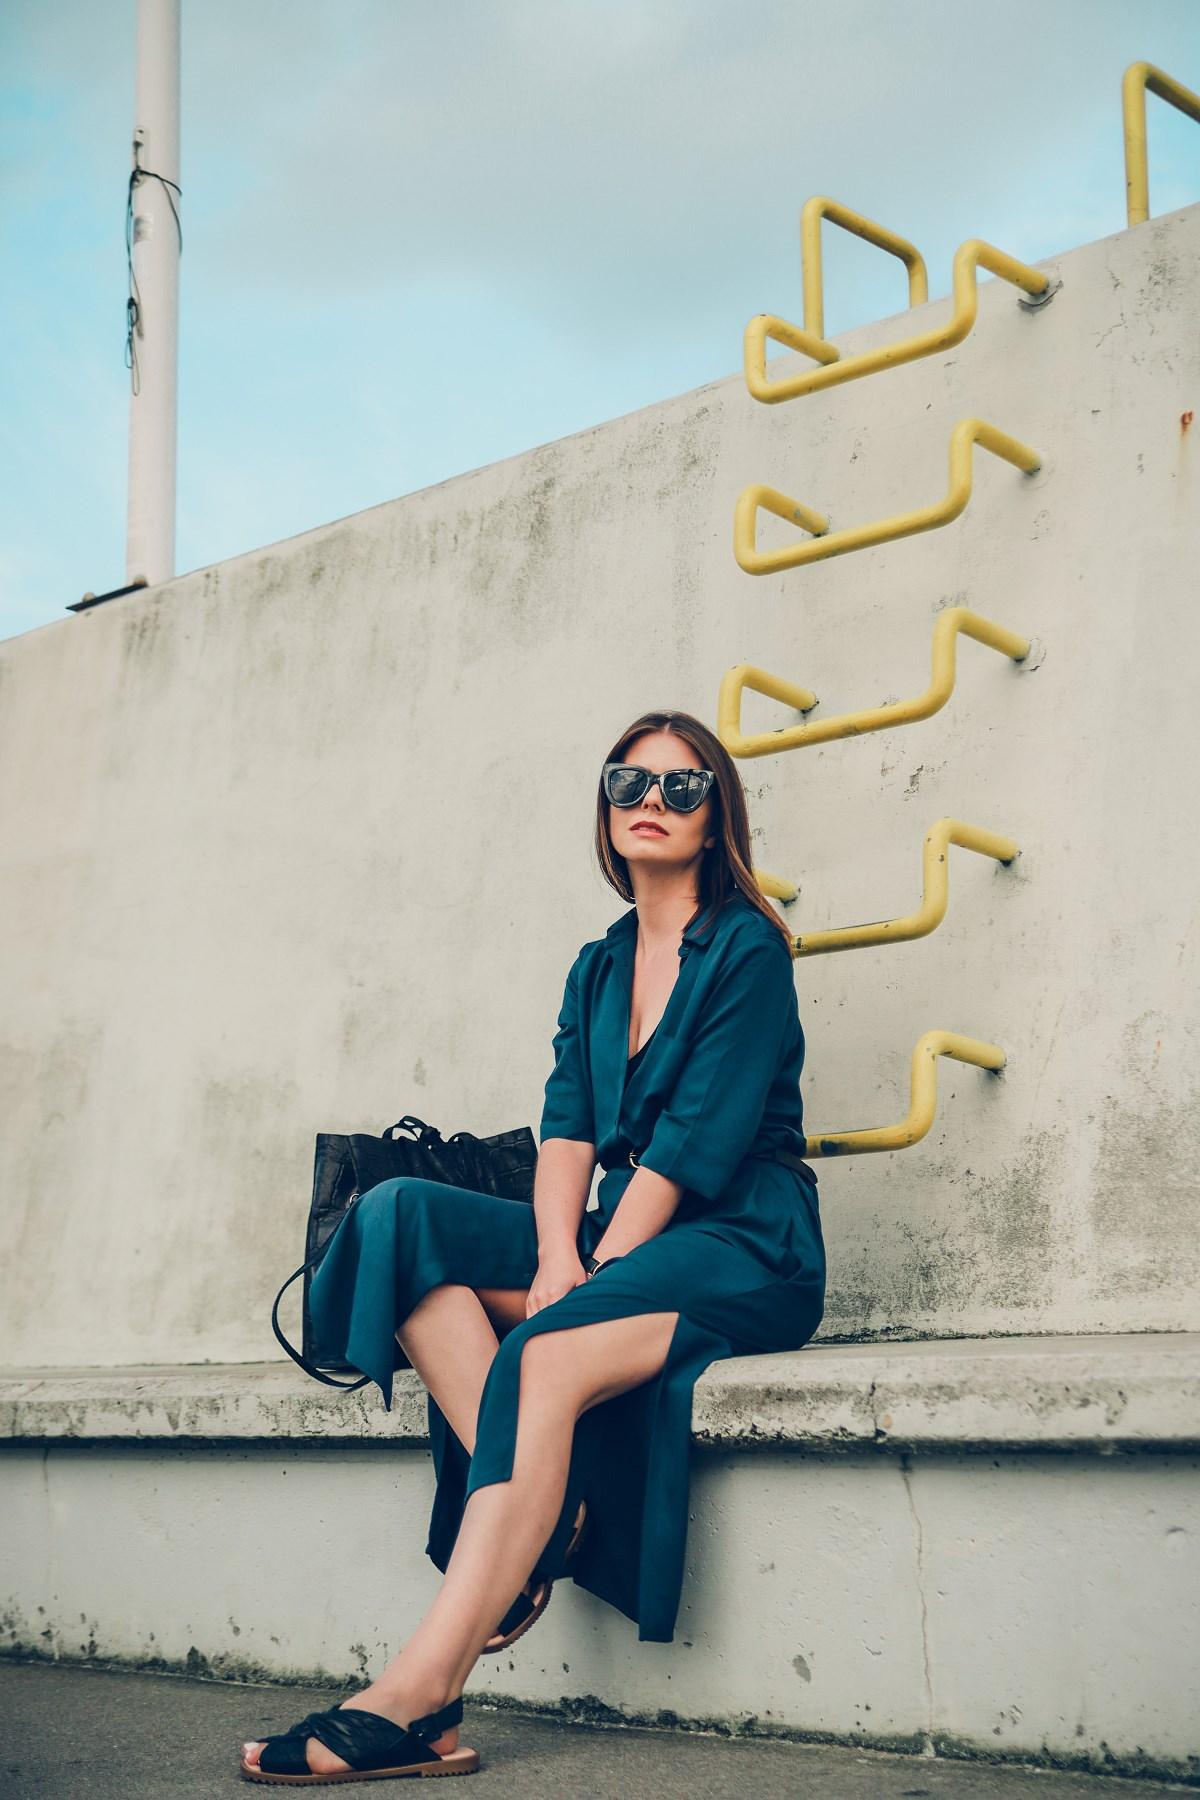 sukienka maxi czarne dodatki sesja gdynia